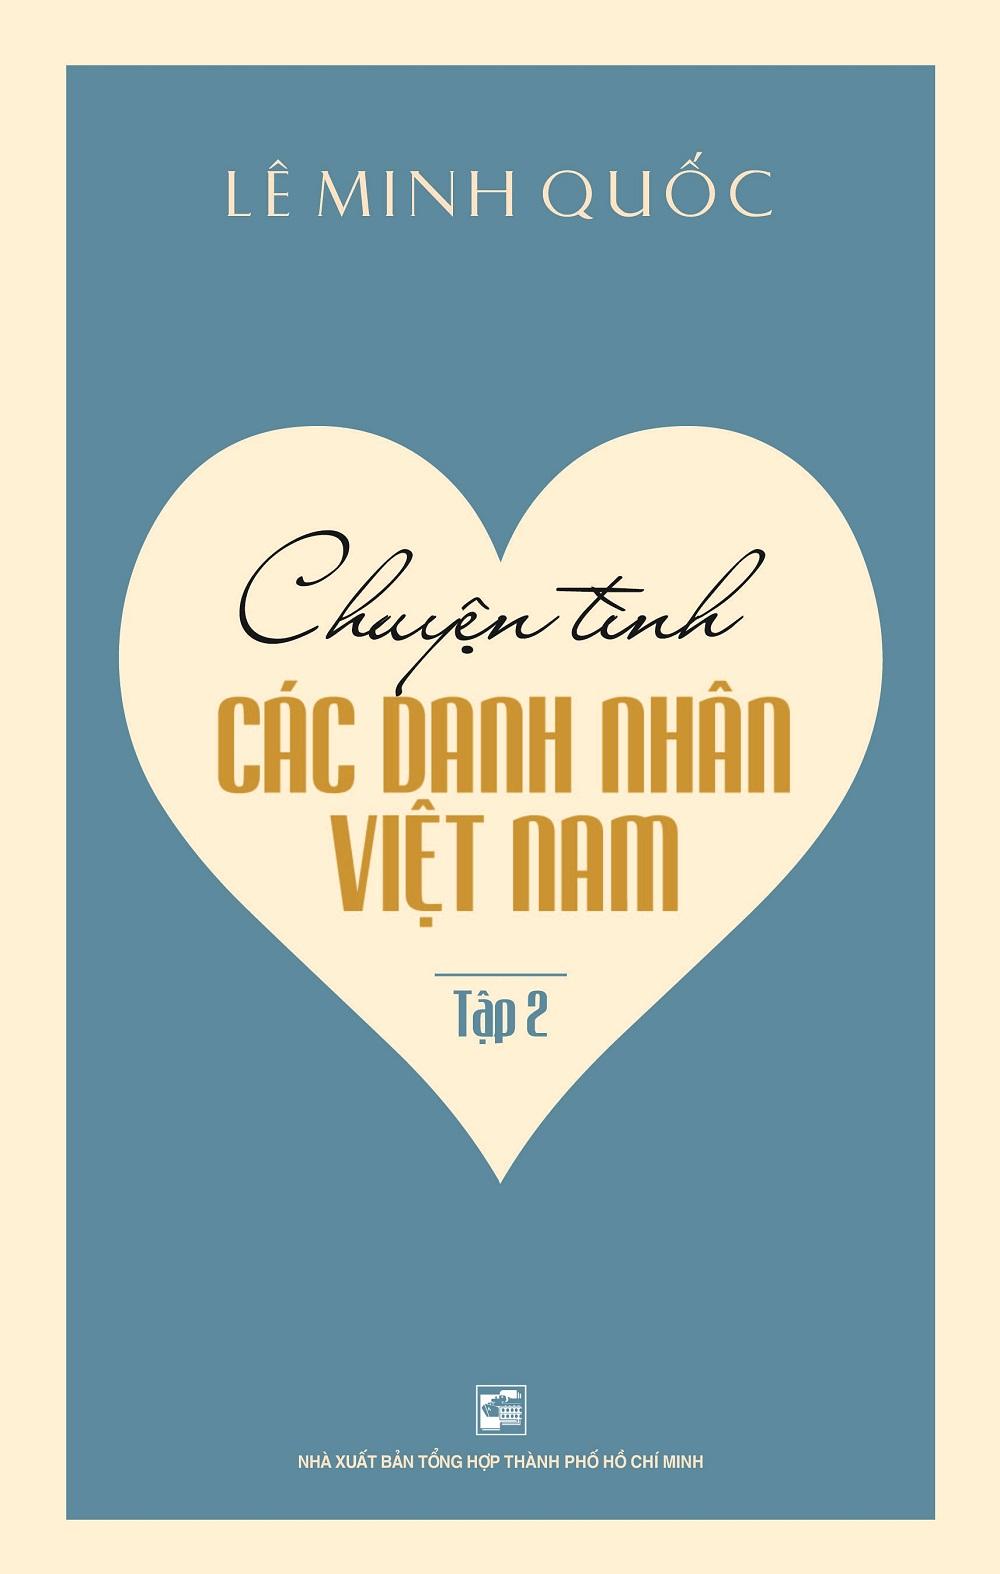 Chuyện Tình Các Danh Nhân Việt Nam (Tập 2)